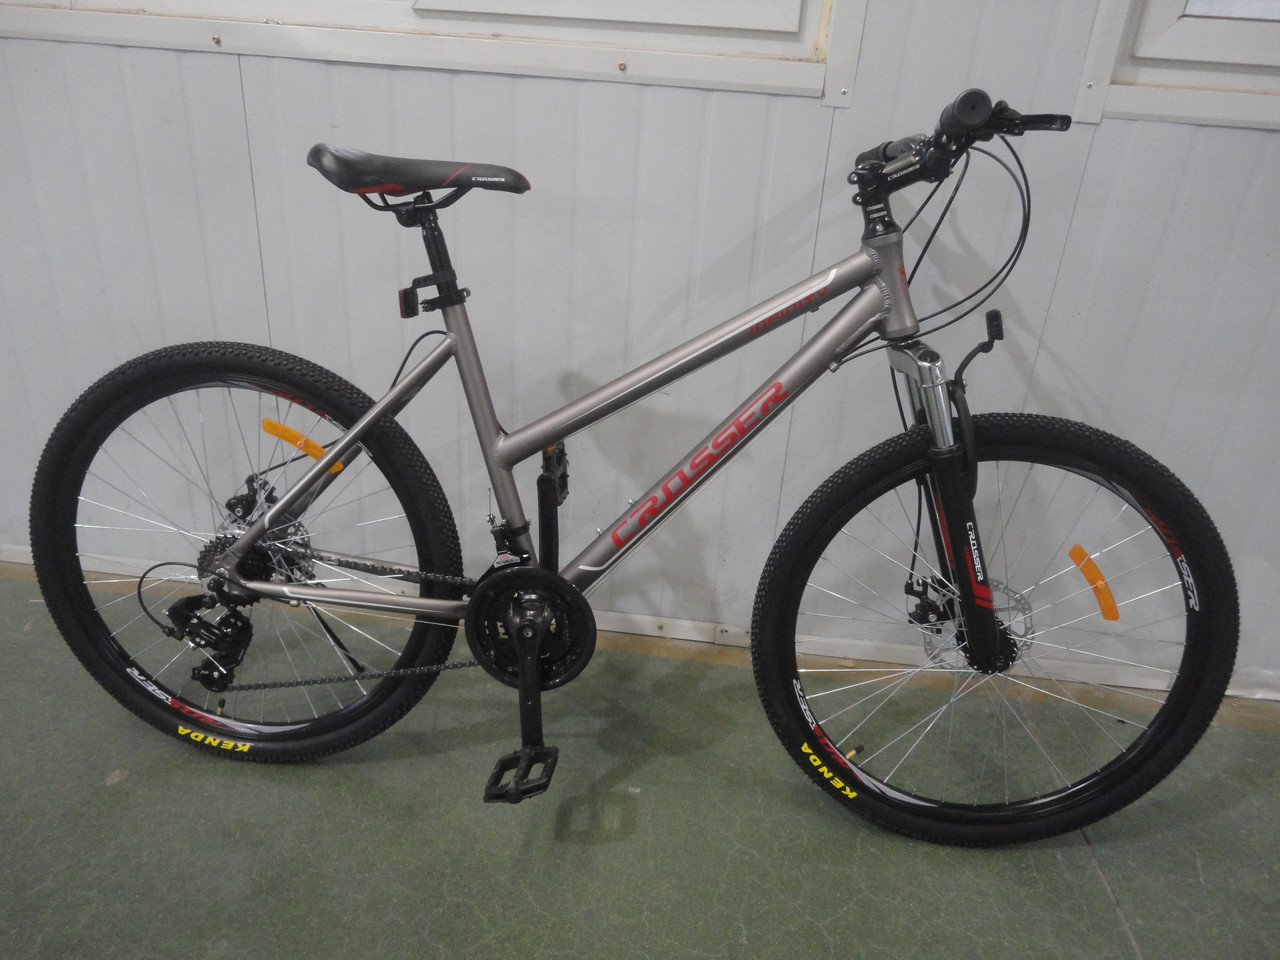 Женский велосипед горный алюминиевый 26 дюймов 18 рама Infinity Кроссер СЕРО-РОЗОВЫЙ